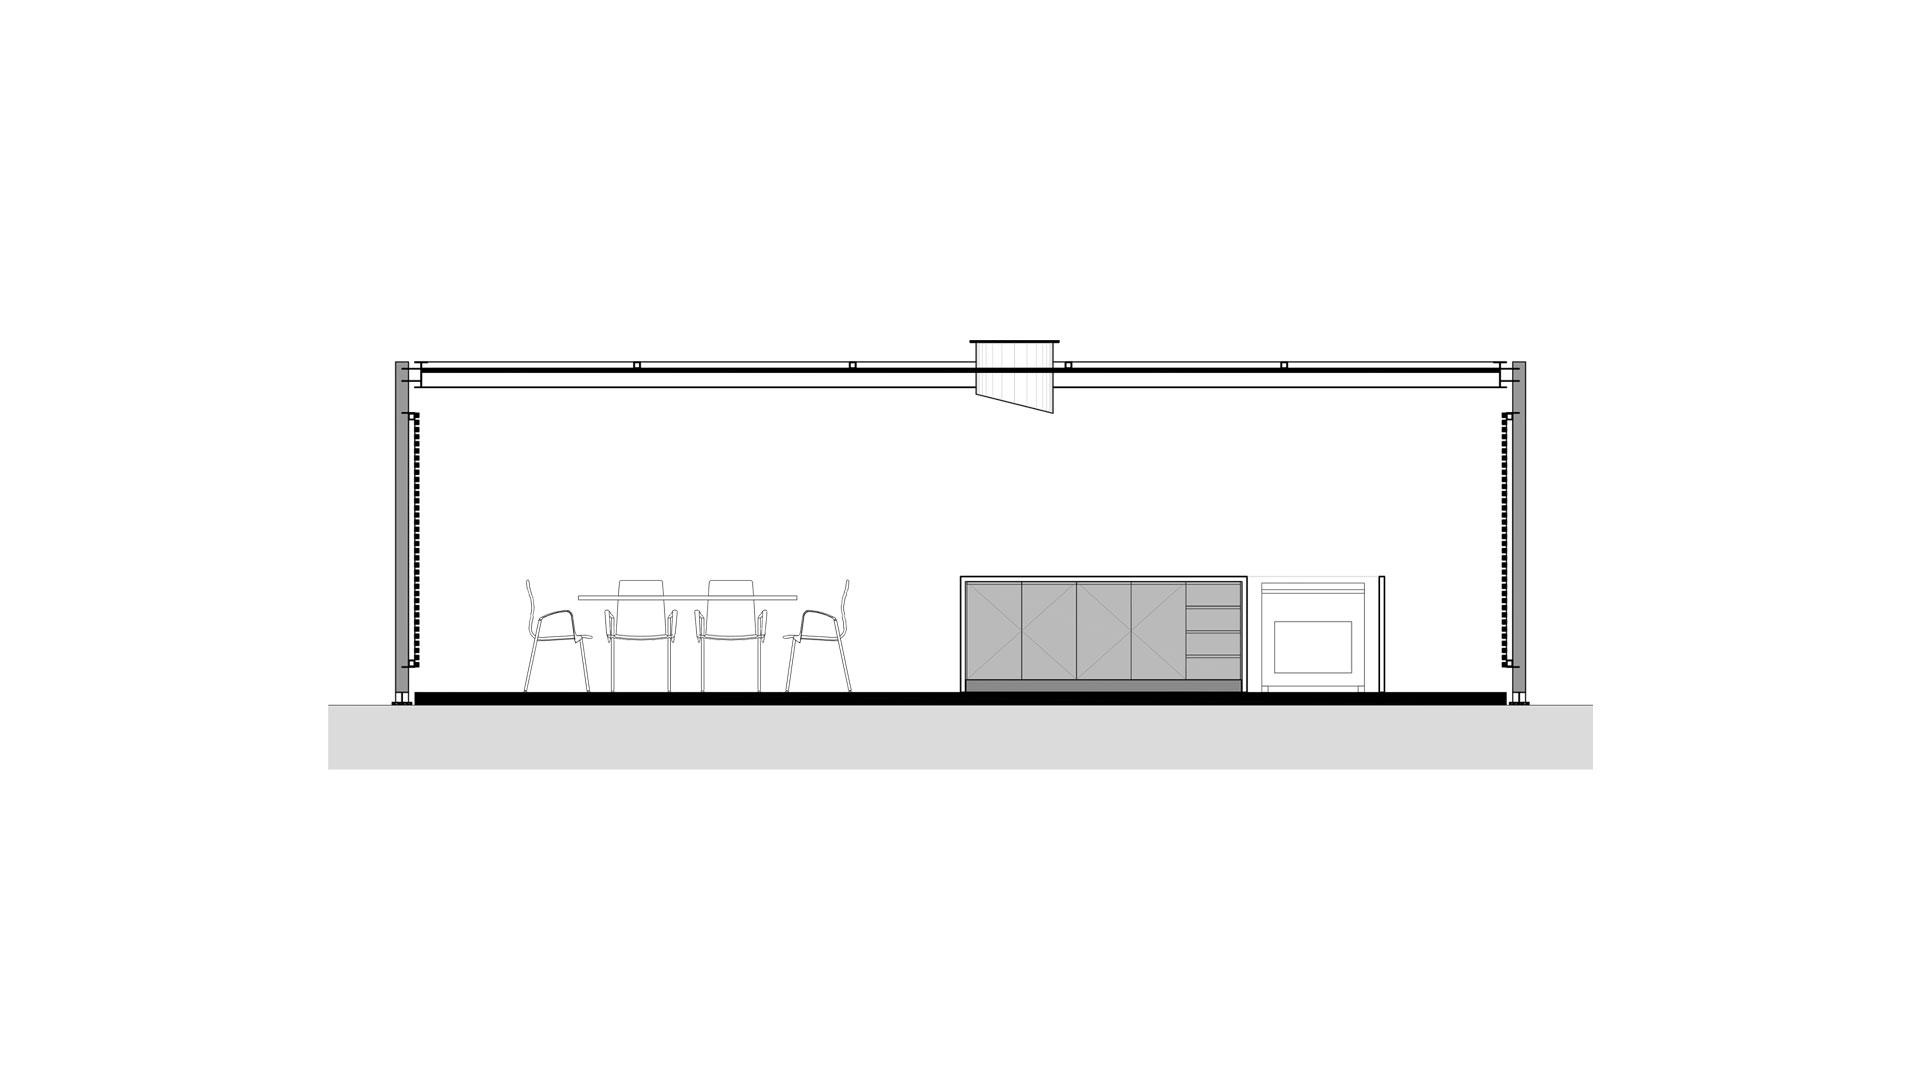 5-pavilhao araruama-corte-3-longitudinal.jpg